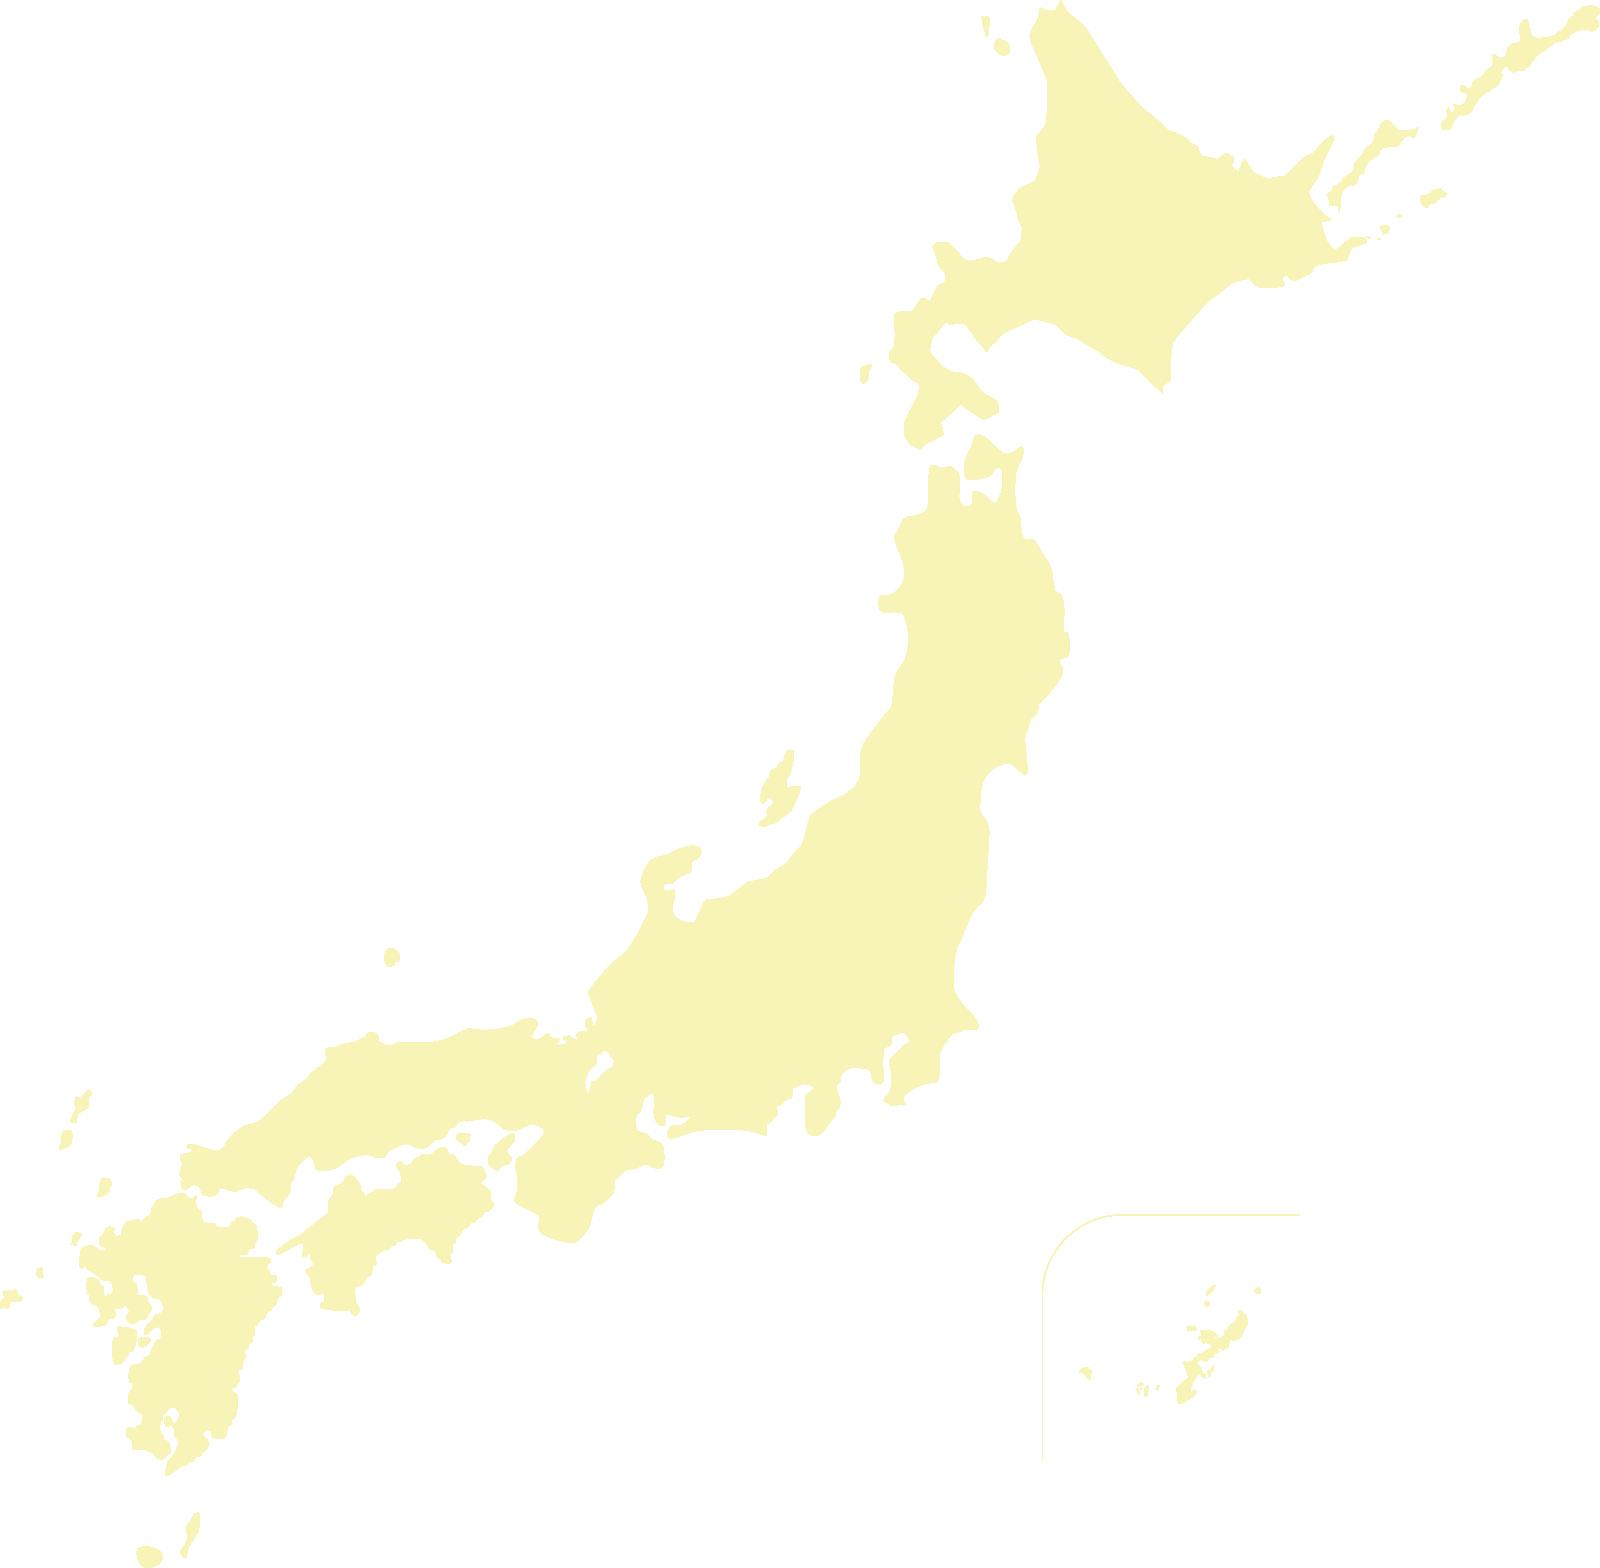 かわいい色の日本地図イラスト(ペールトーン)